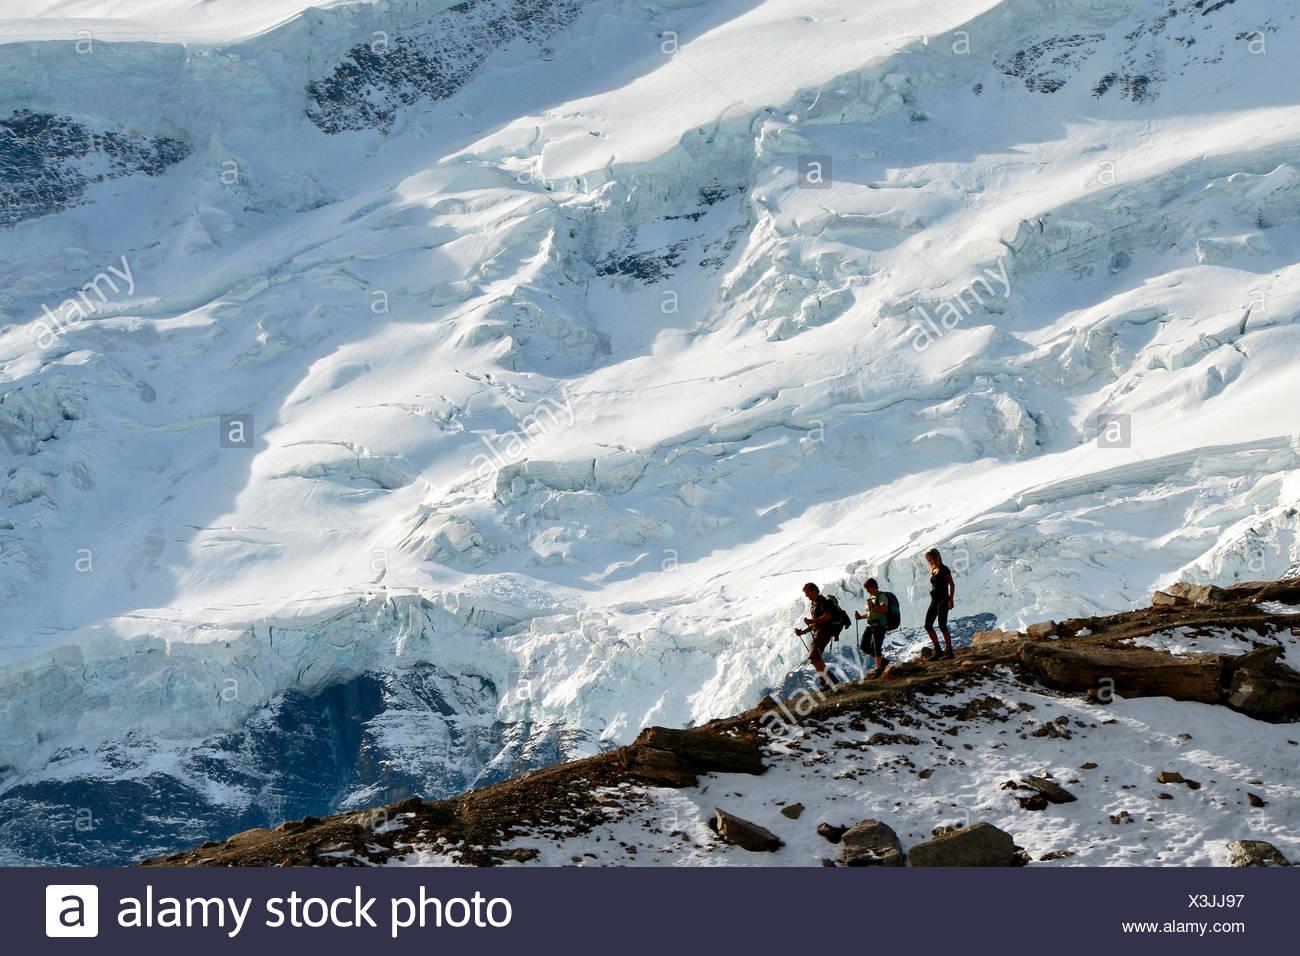 Trekking around Grand Combin, close to Panossiere refuge, Switzerland, Europe - Stock Image